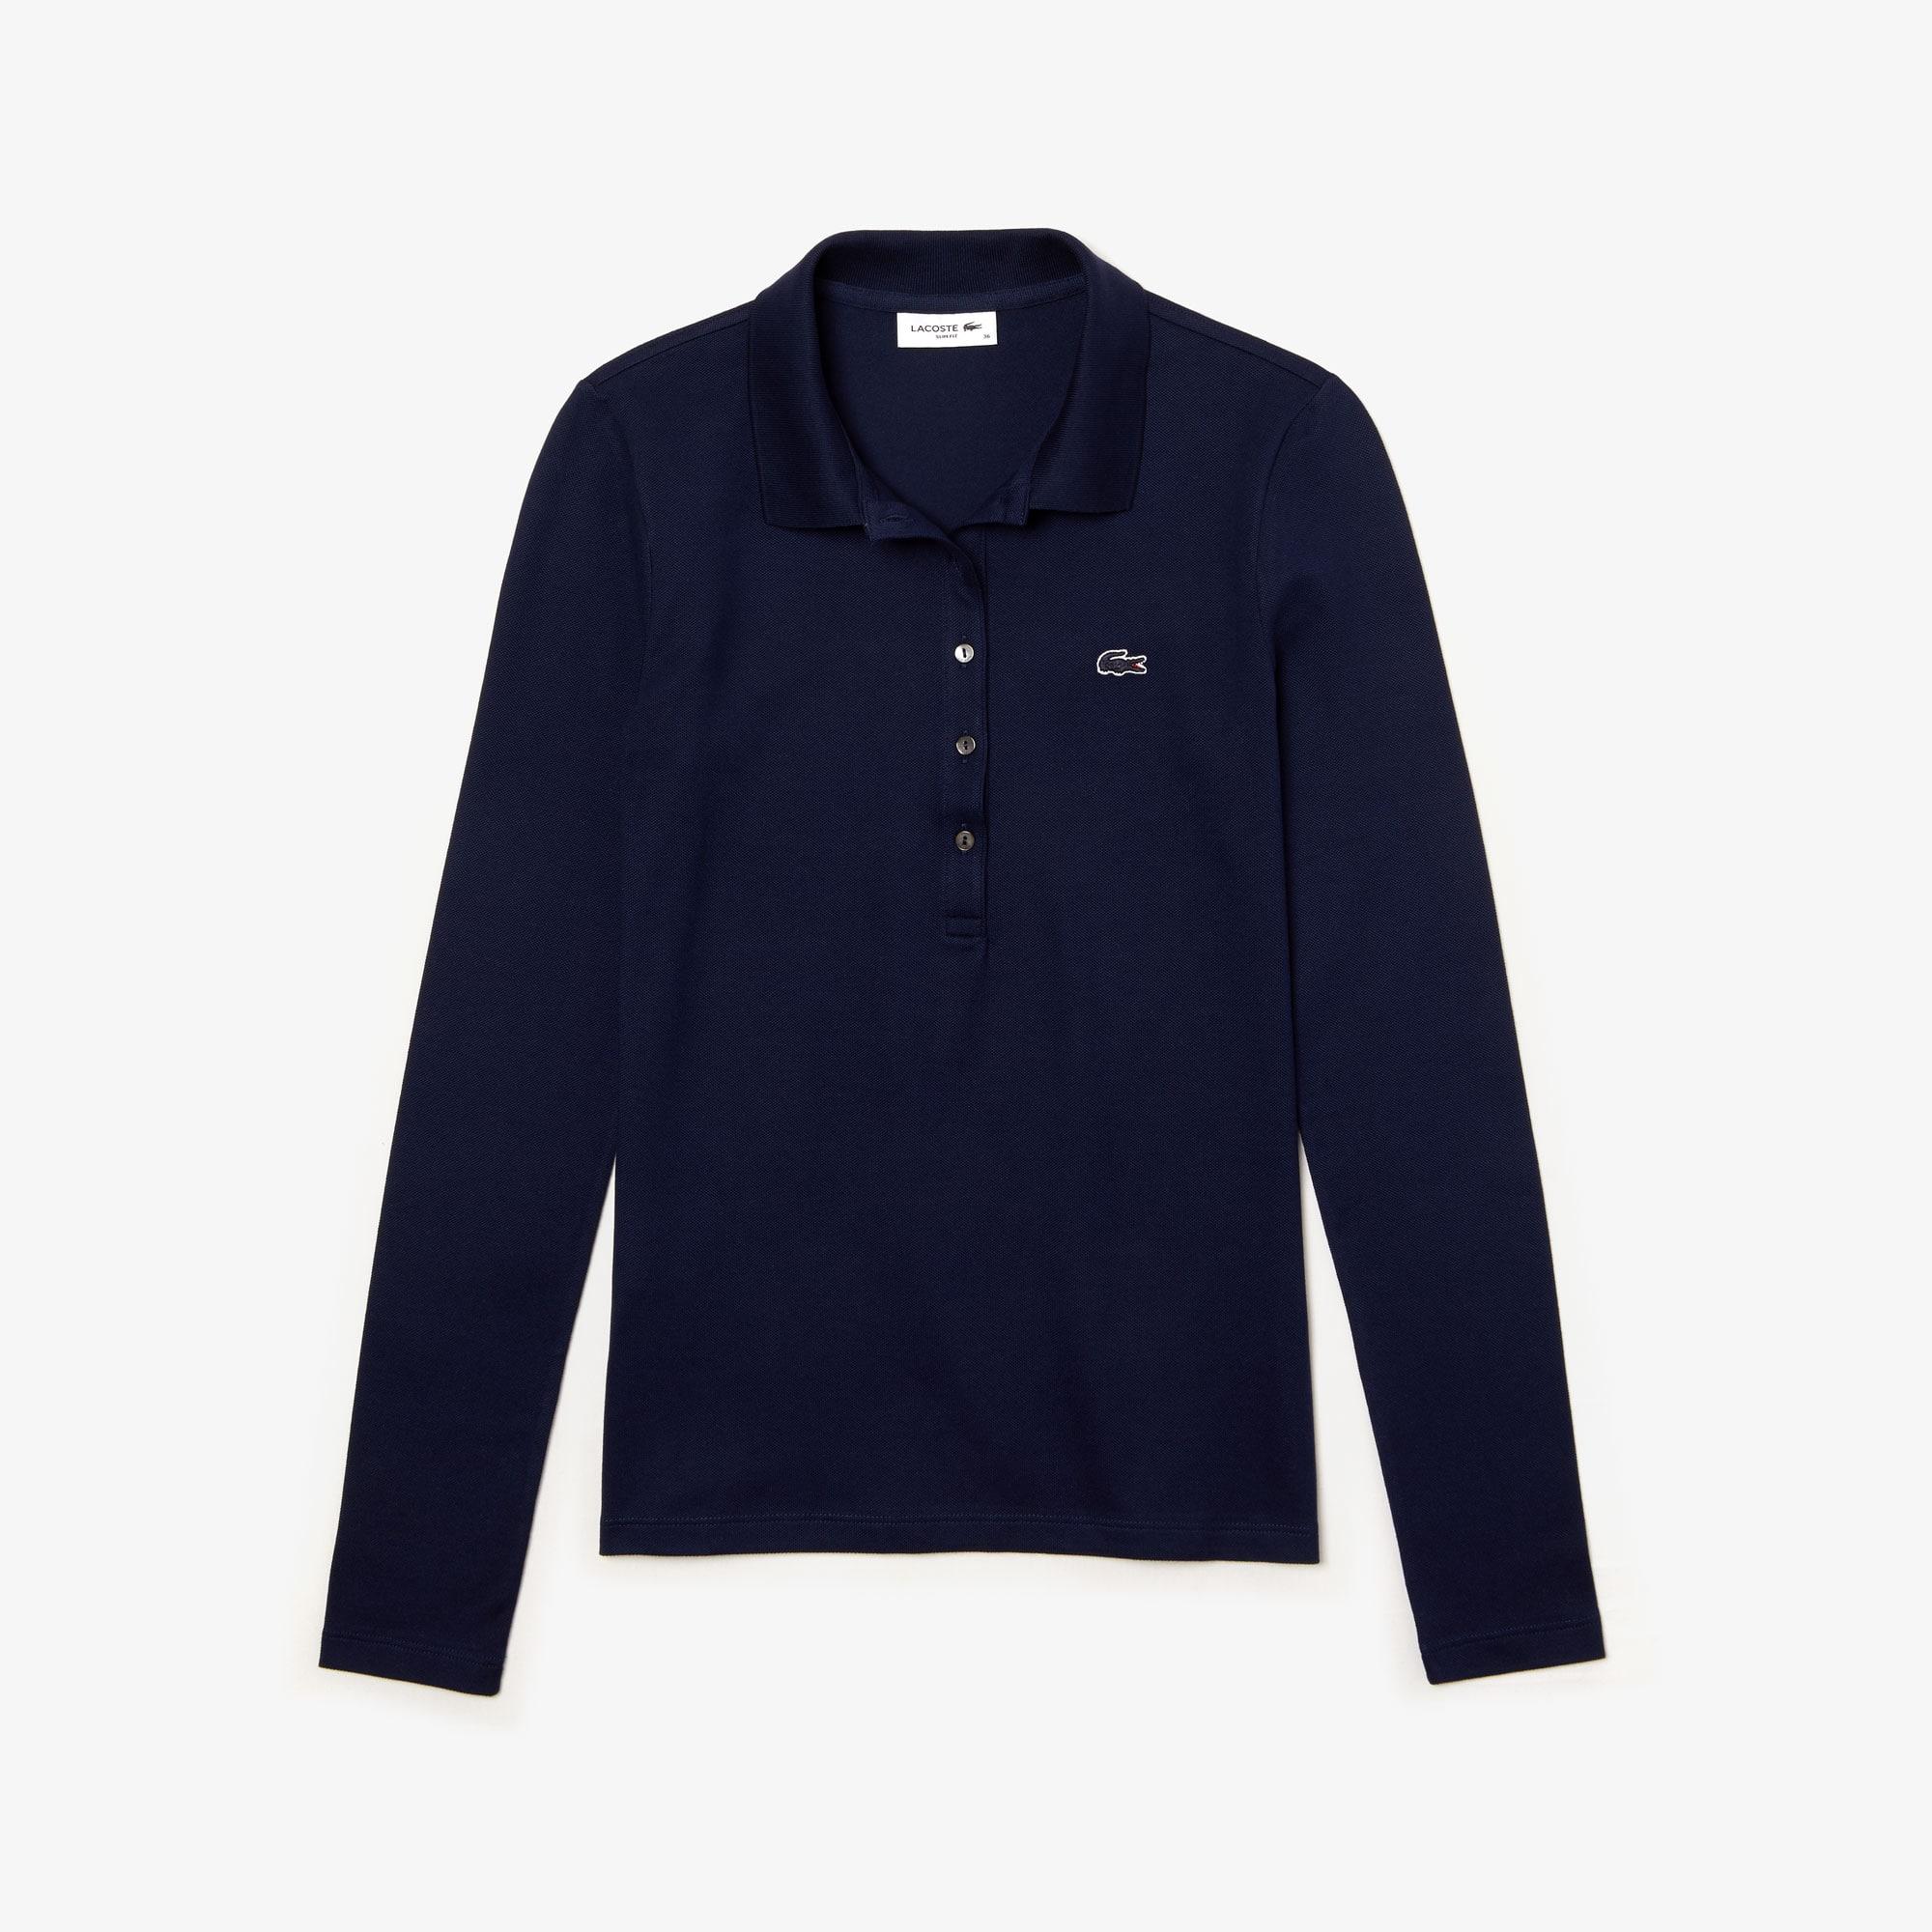 قميص بولو Lacoste للنساء مقاس ضيق من قماش البيكيه